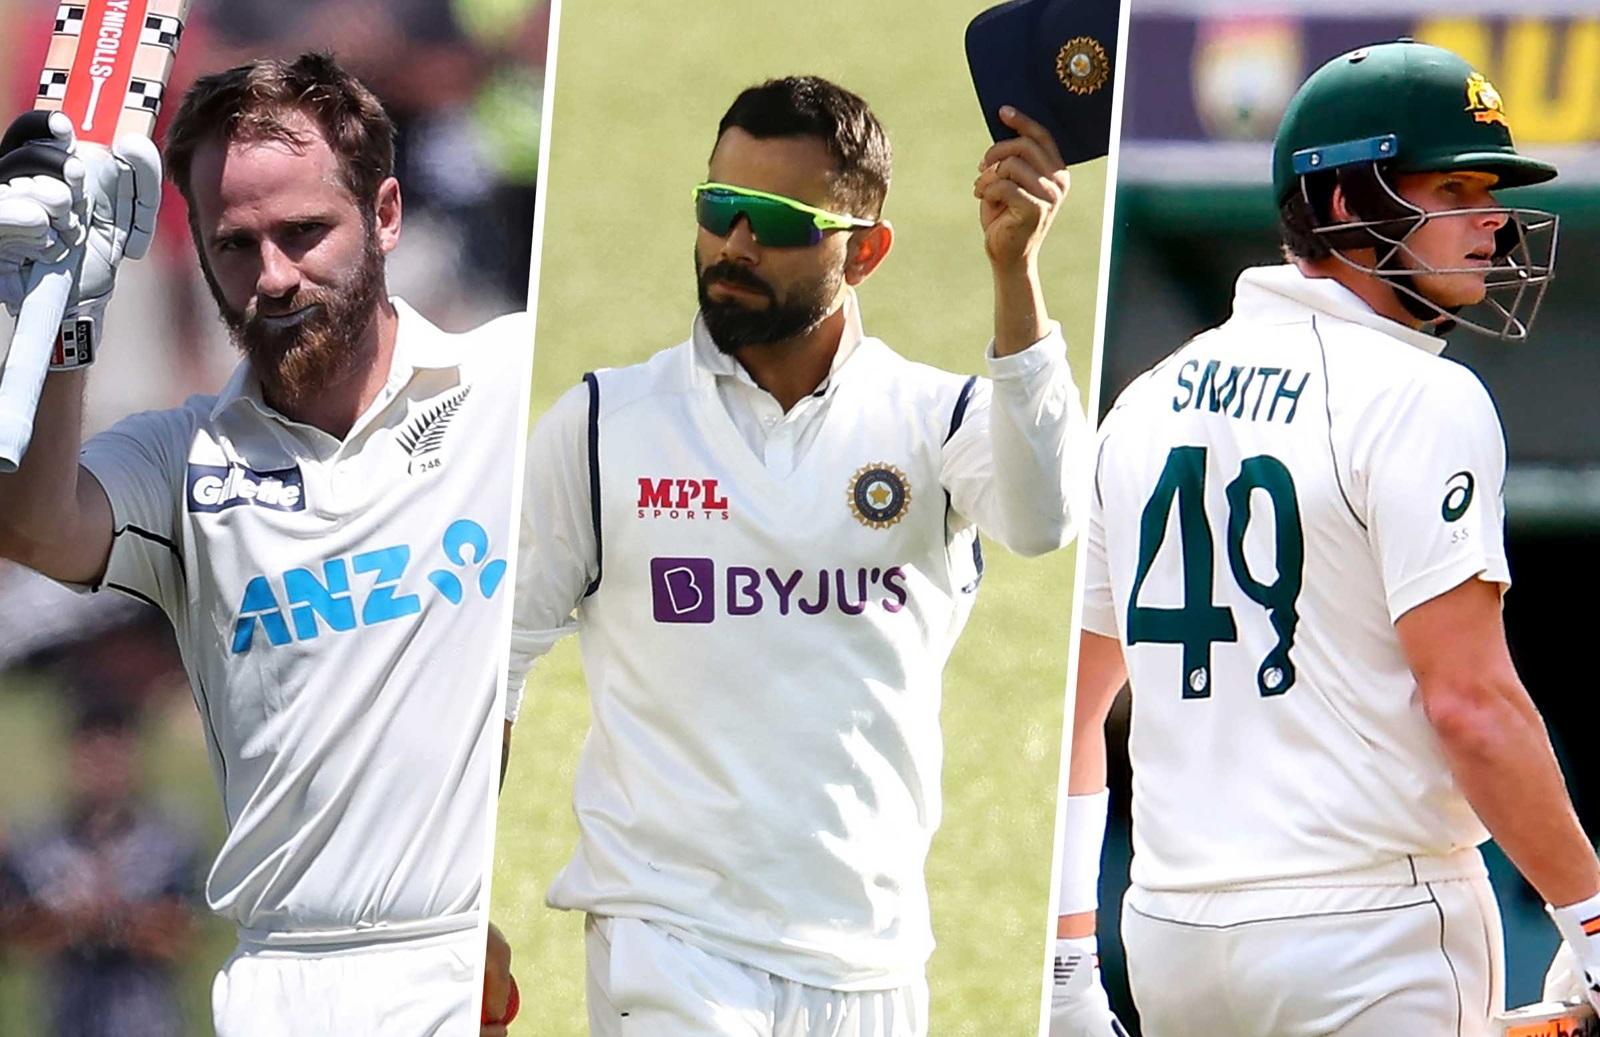 ব্র্যাড হগ বাছলেন দশকের সেরা টেস্ট একাদশে, দলে মাত্র এক ভারতীয় 5